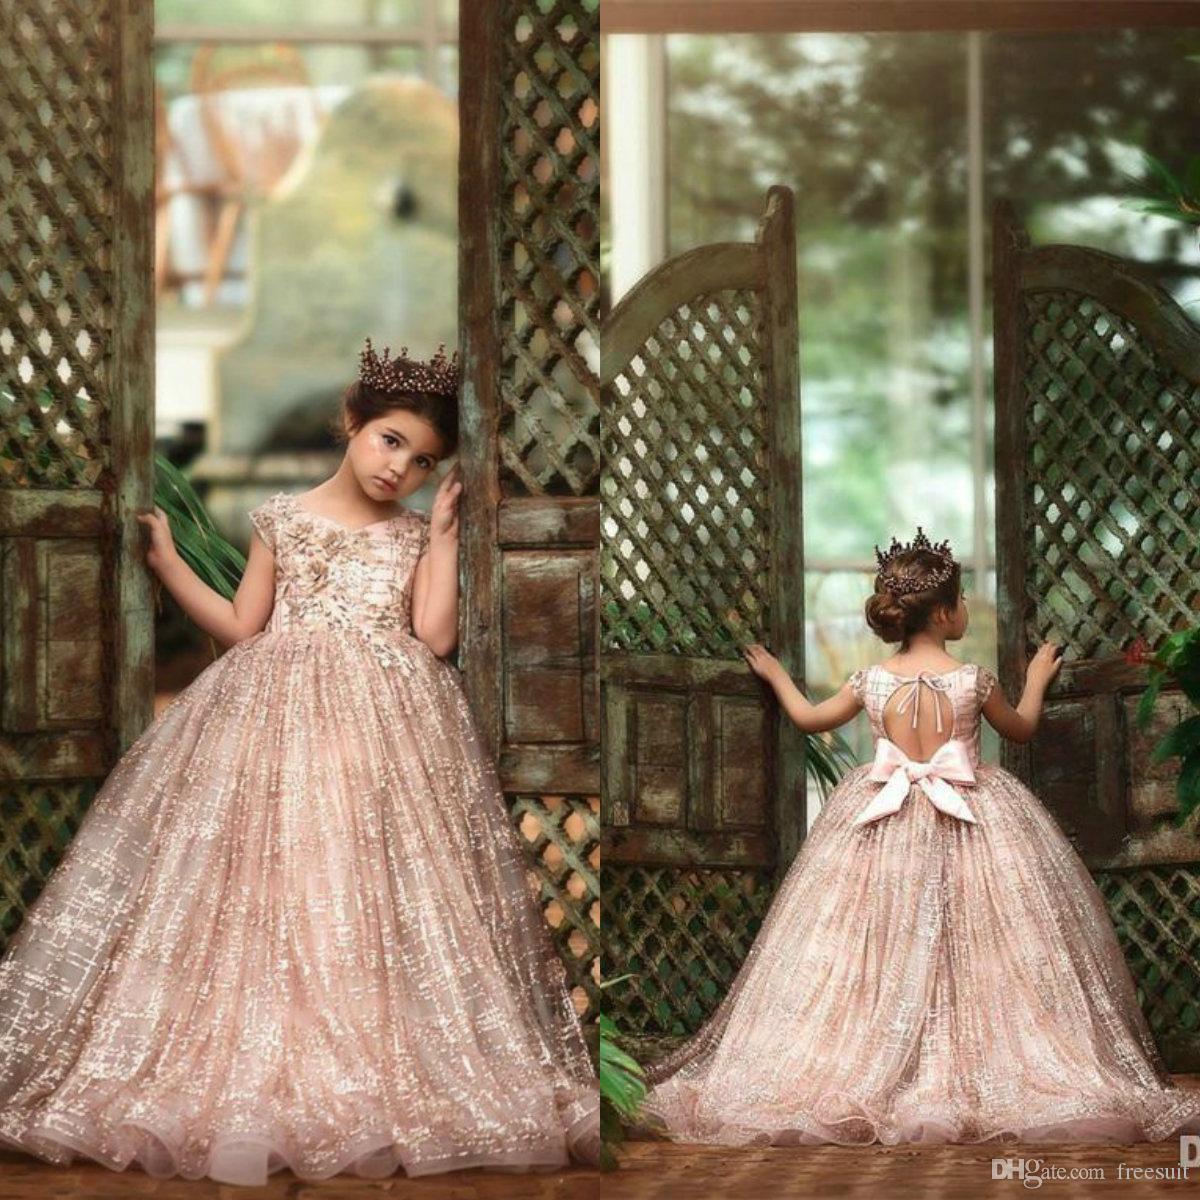 2020 Glitter Ball Gown Flower Girl Dresses V Neck Short Sleeve Sequins Appliqued Lack Girl Pageant Dresses Custom Made Christening Gowns